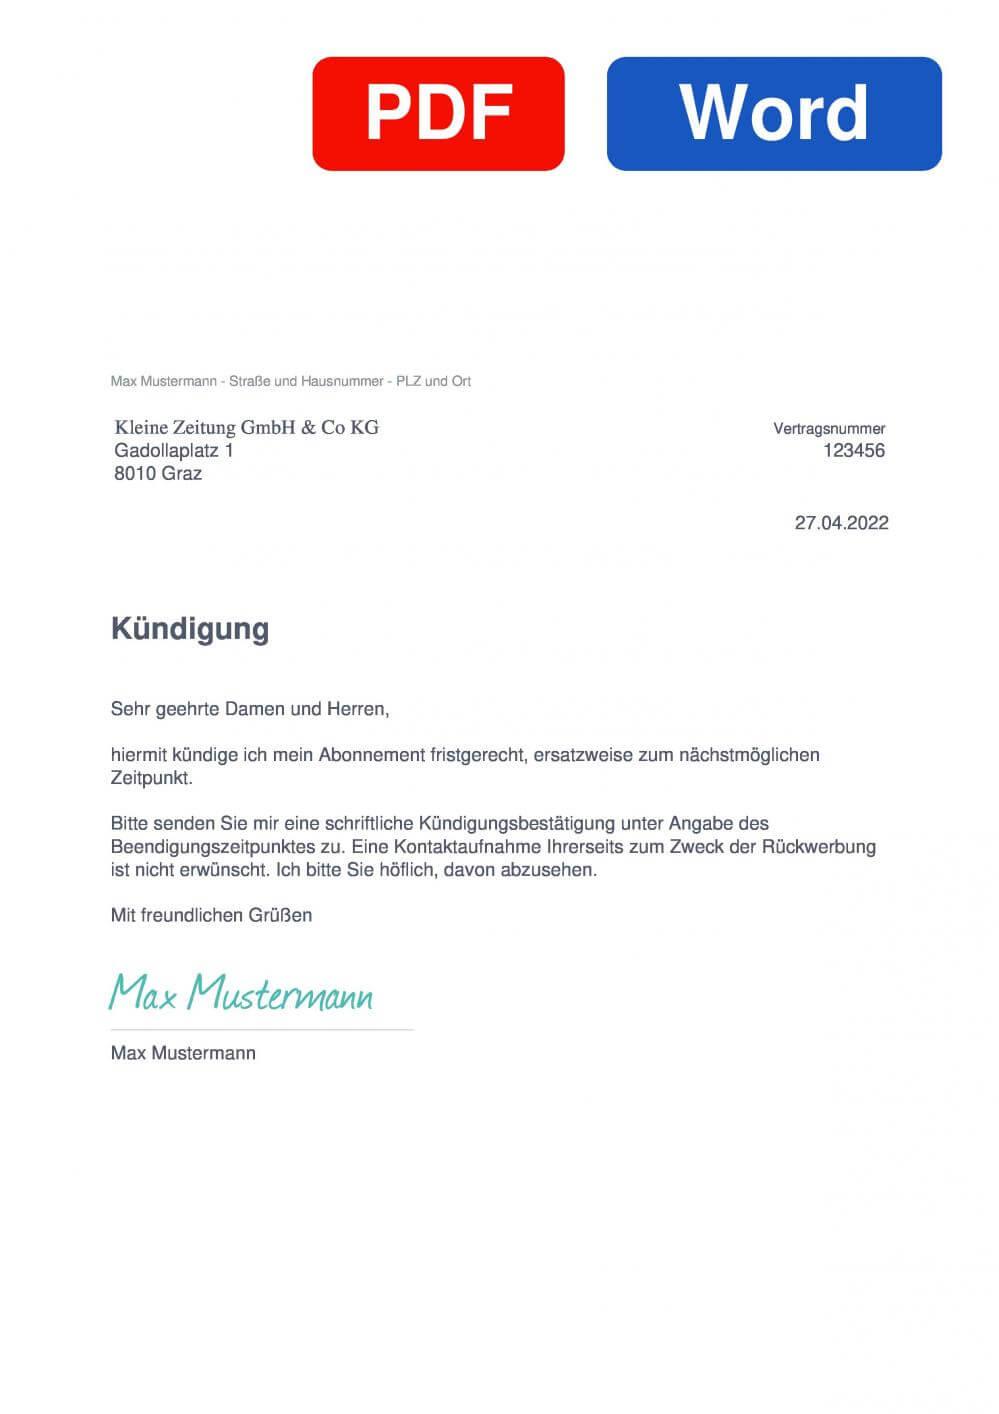 Kleine Zeitung Muster Vorlage für Kündigungsschreiben